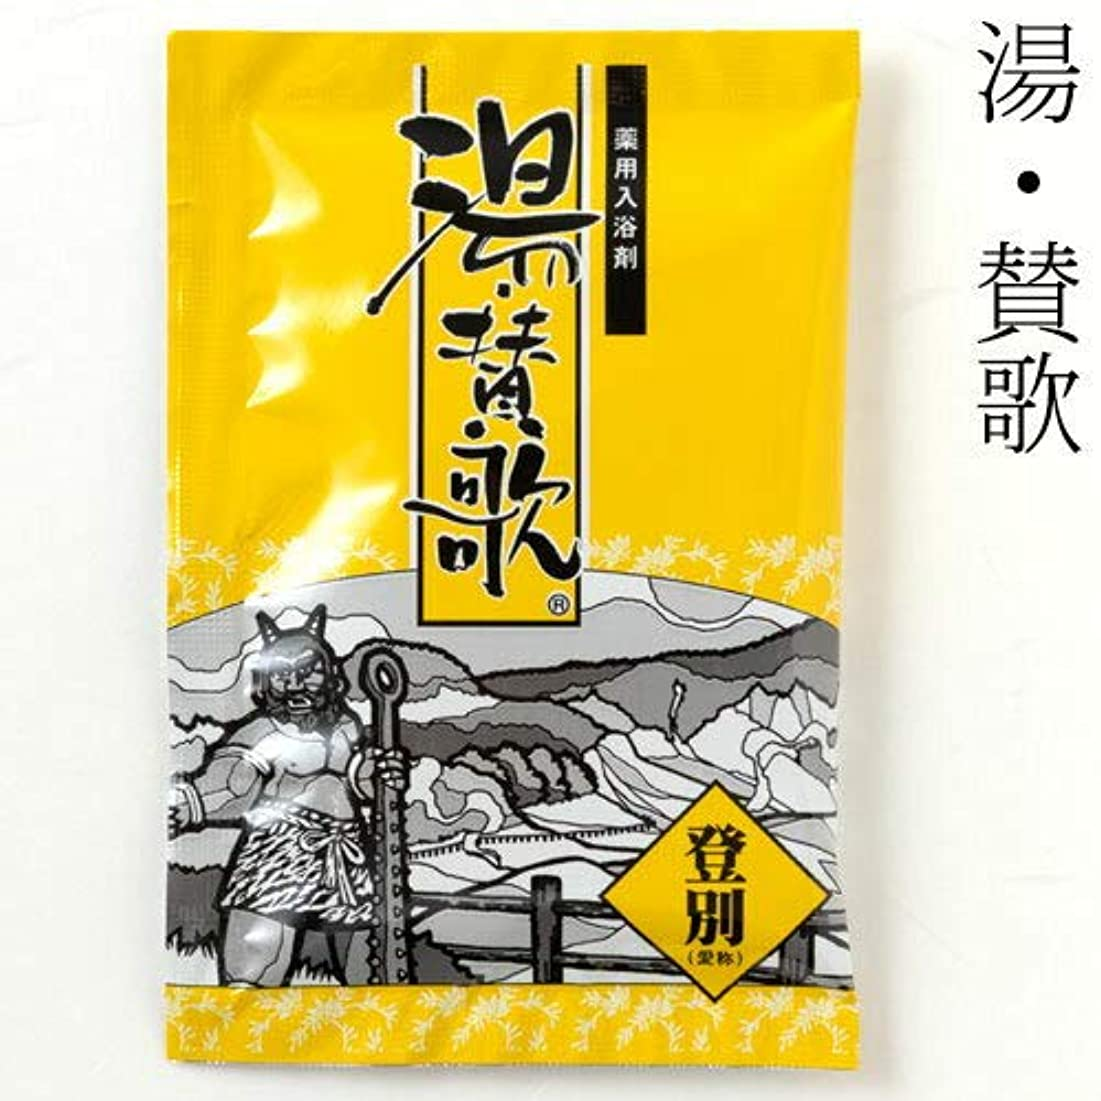 剛性一月刺繍入浴剤湯?賛歌登別1包石川県のお風呂グッズBath additive, Ishikawa craft